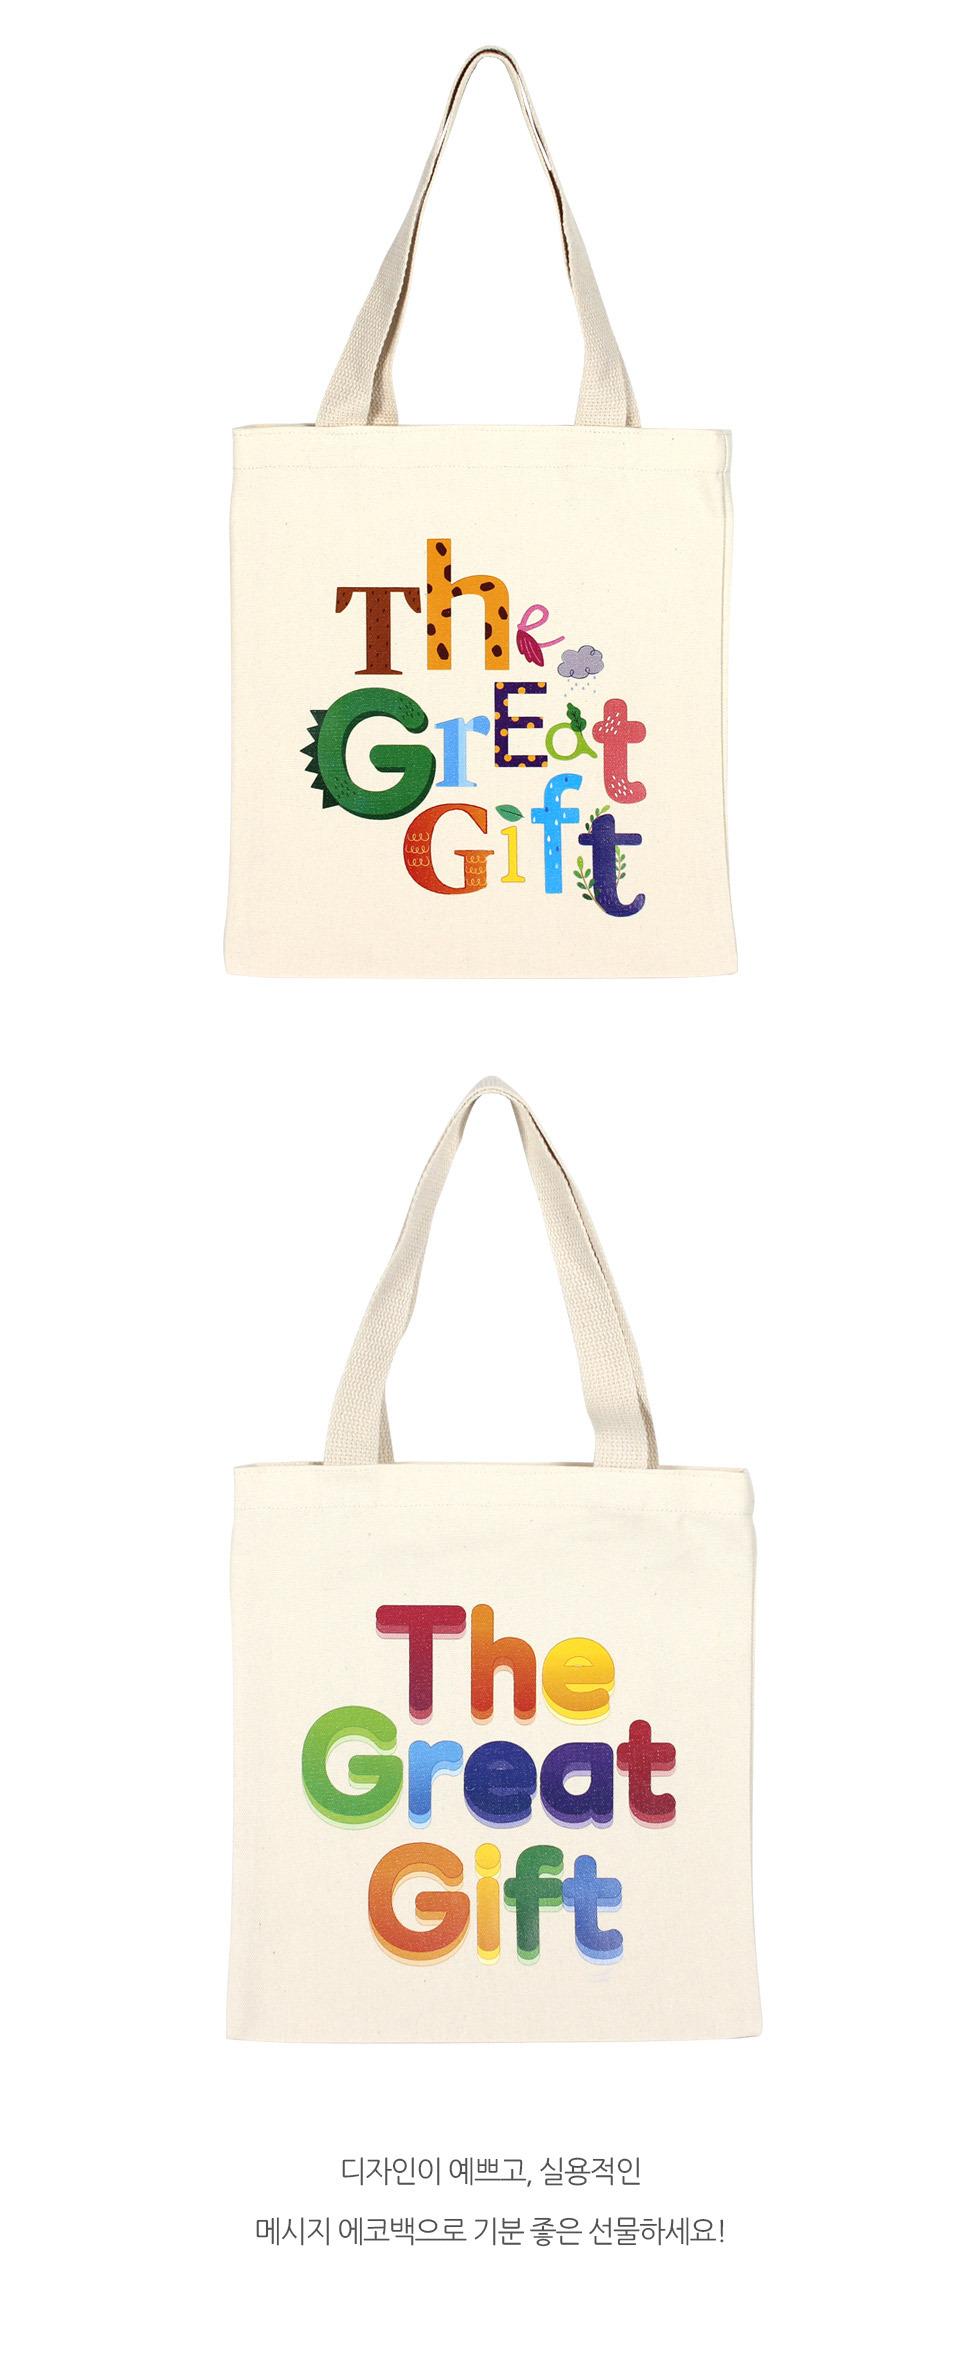 메시지 에코백 The Great Gift (더그레이트기프트) 위대한 선물, 예장합동 디자인이 예쁘고 실용적인 메시지에코백